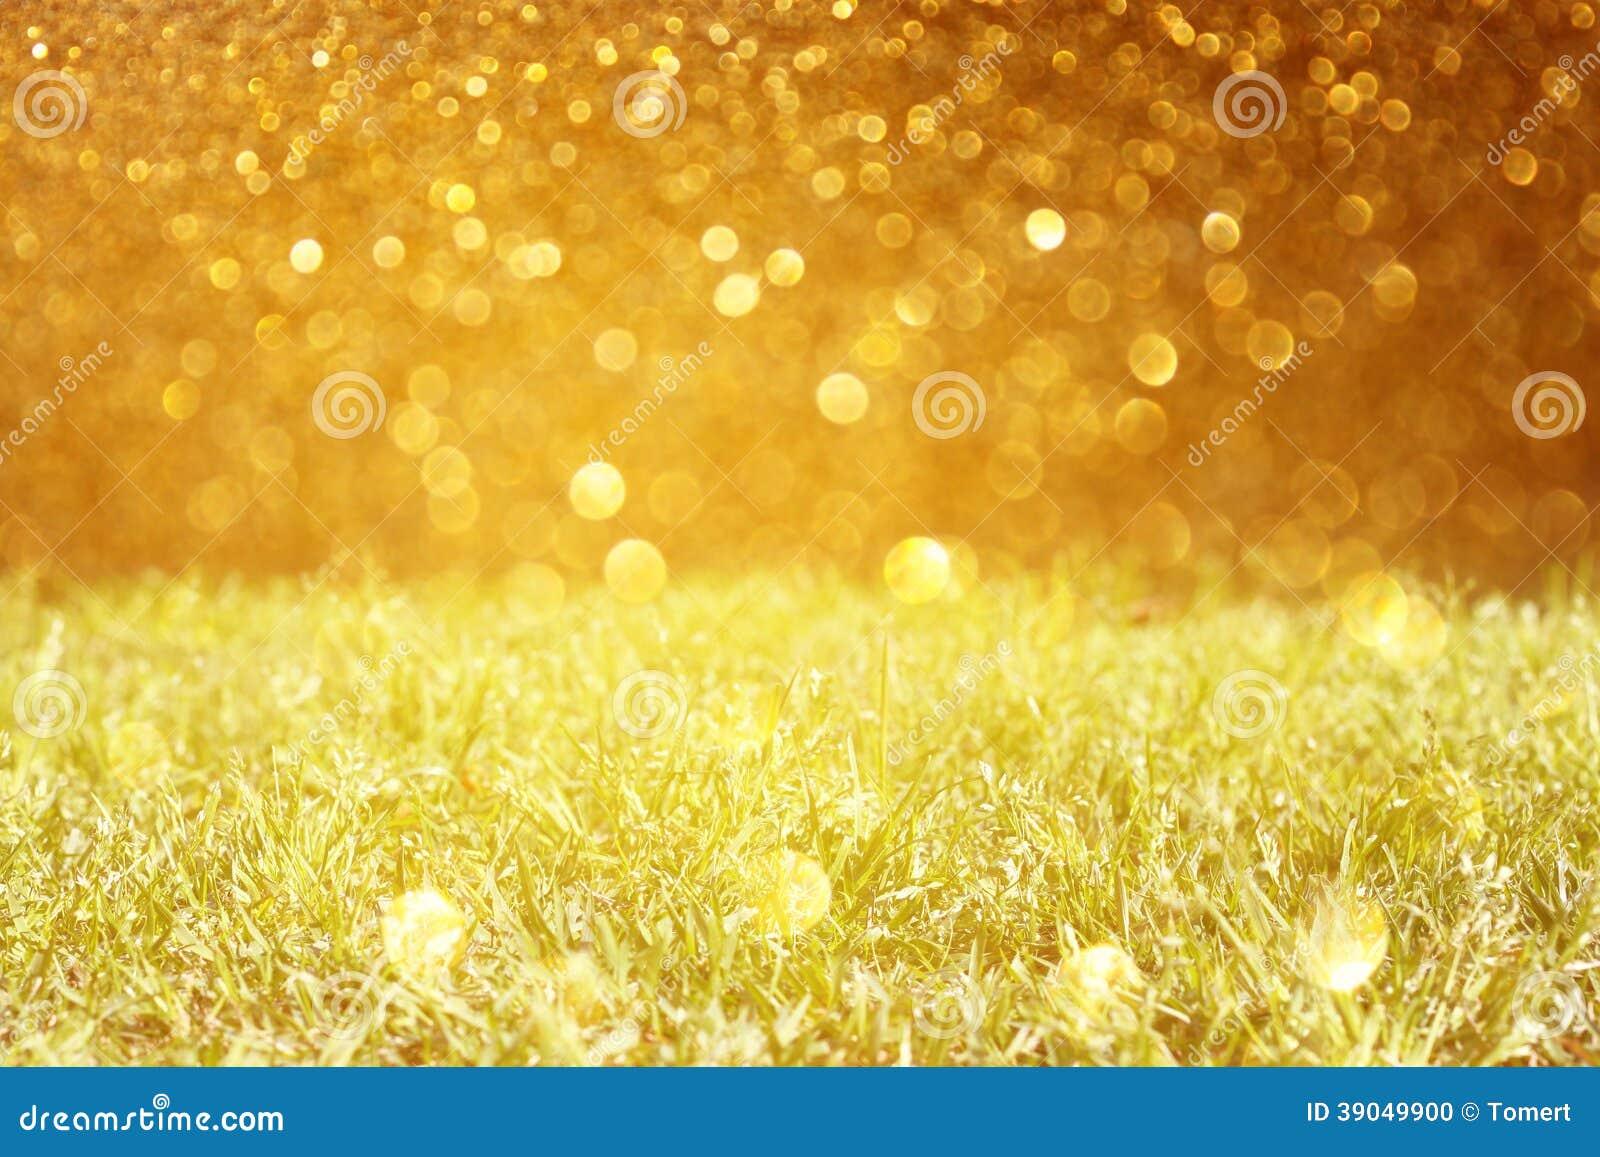 Prato e luci dorate di scintillio